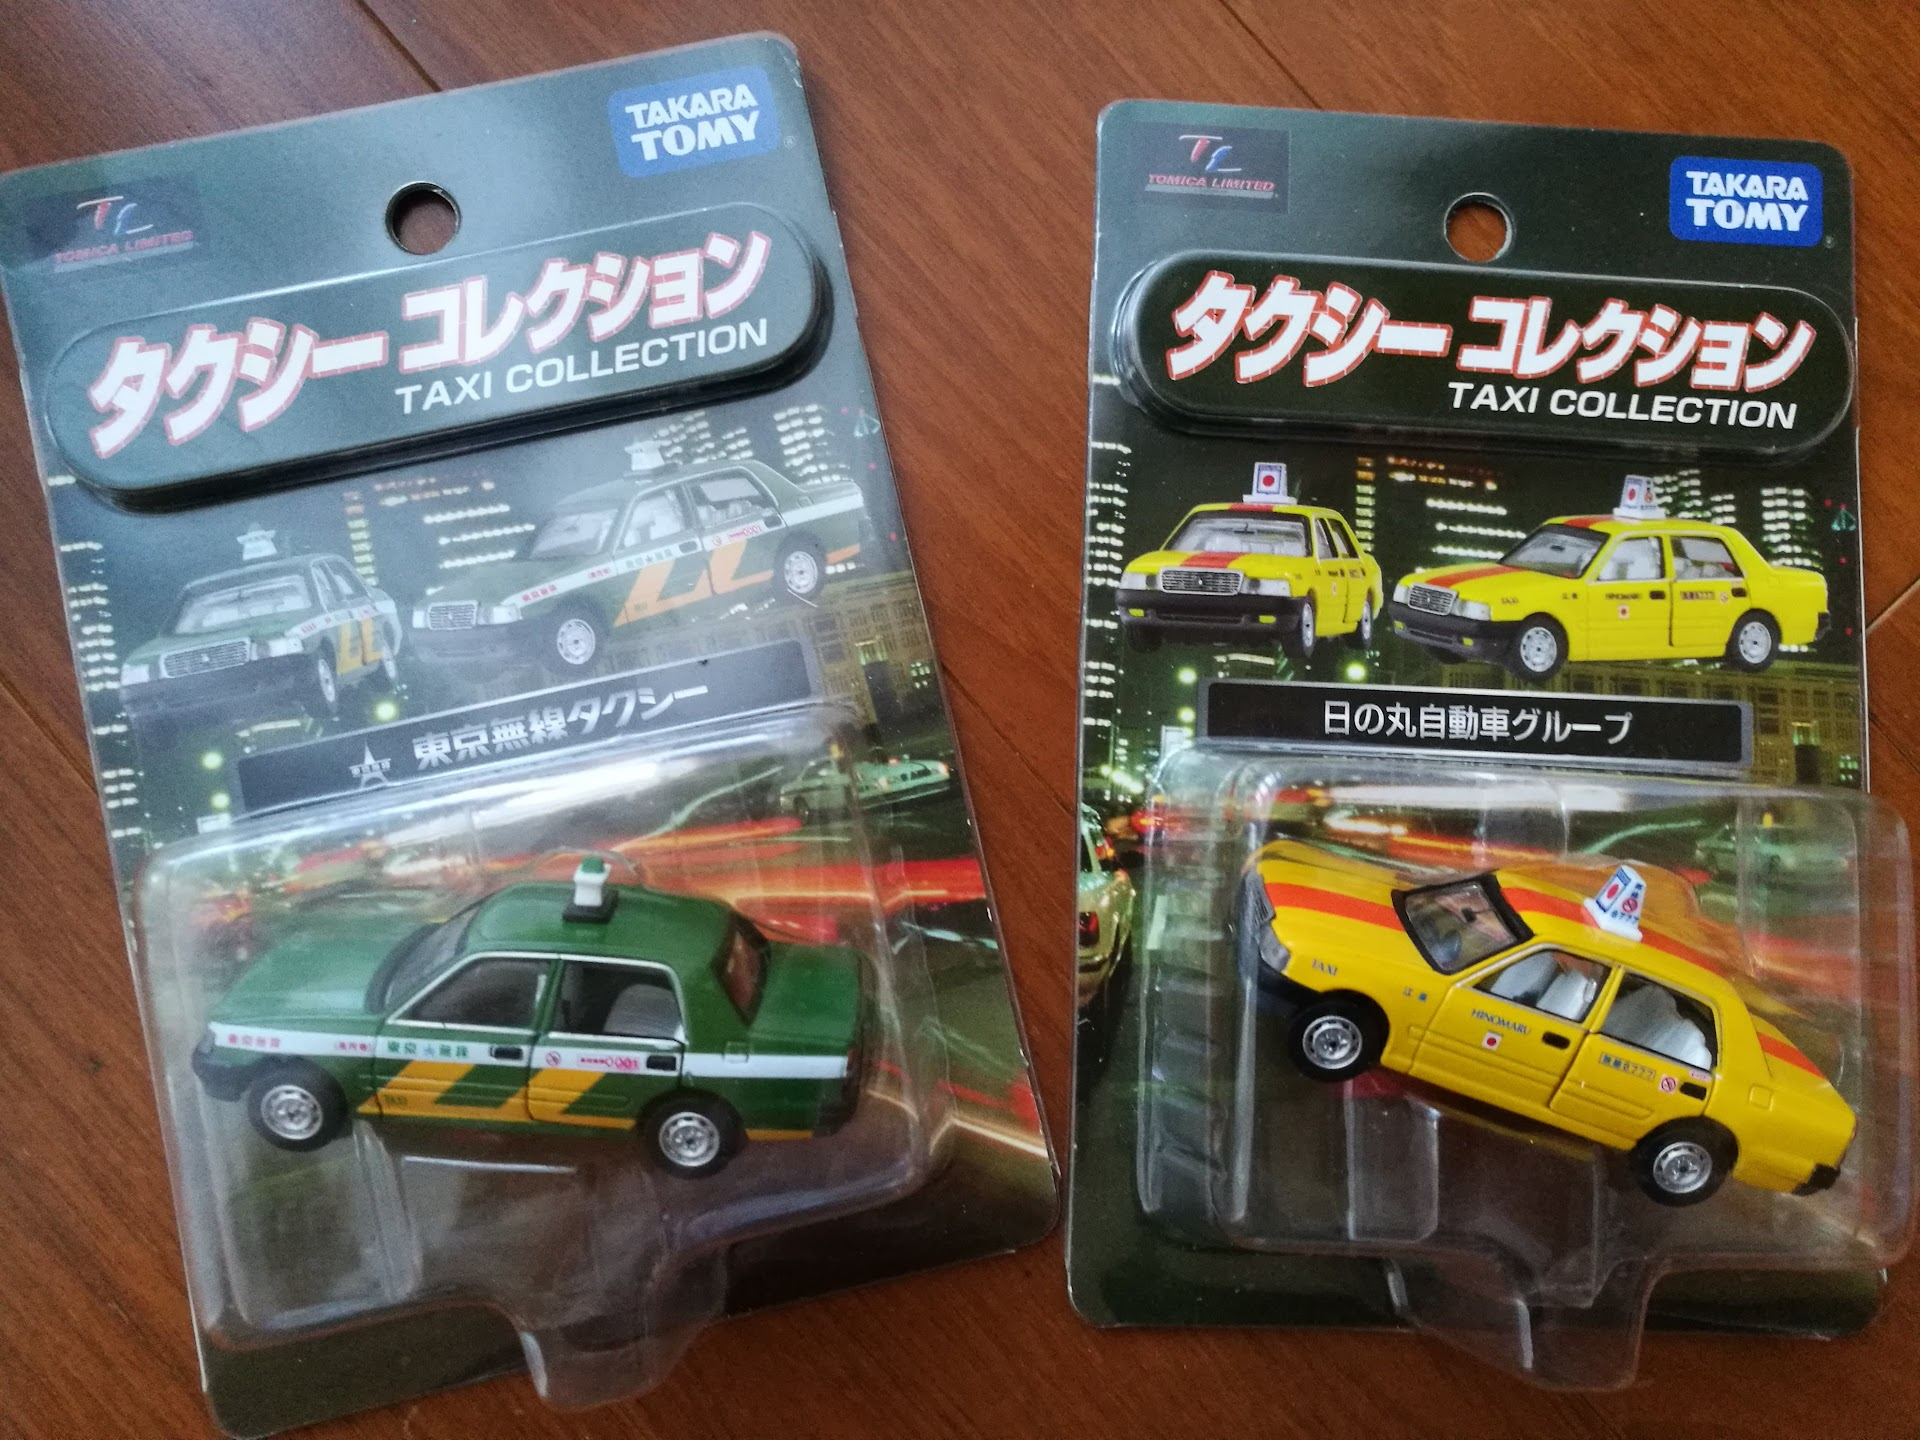 タクシーコレクション 東京無線タクシーと日の丸自動車グループ